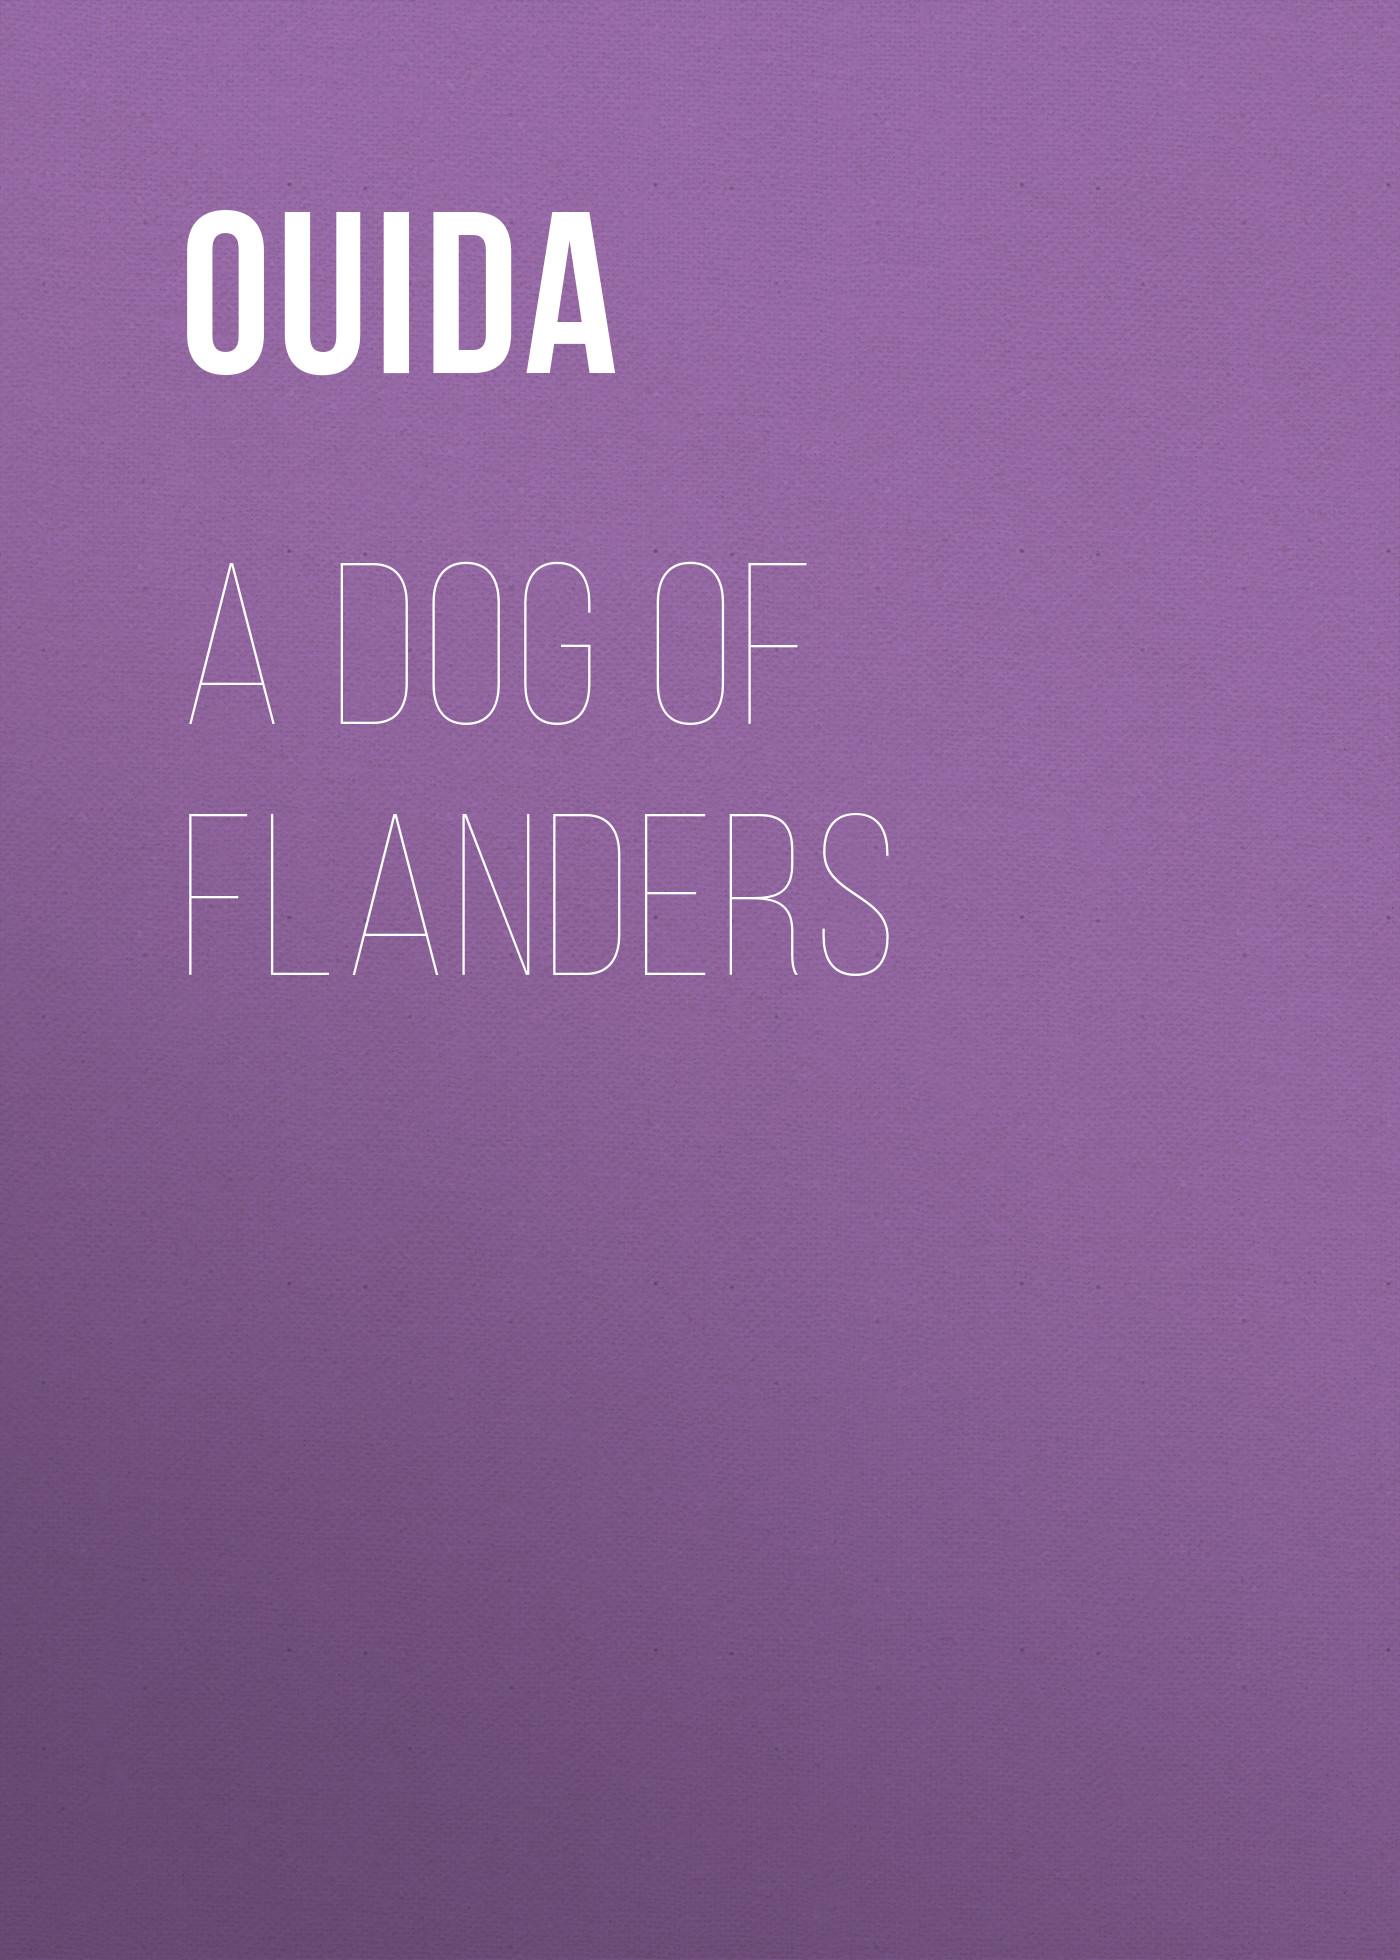 цена на Ouida A Dog of Flanders